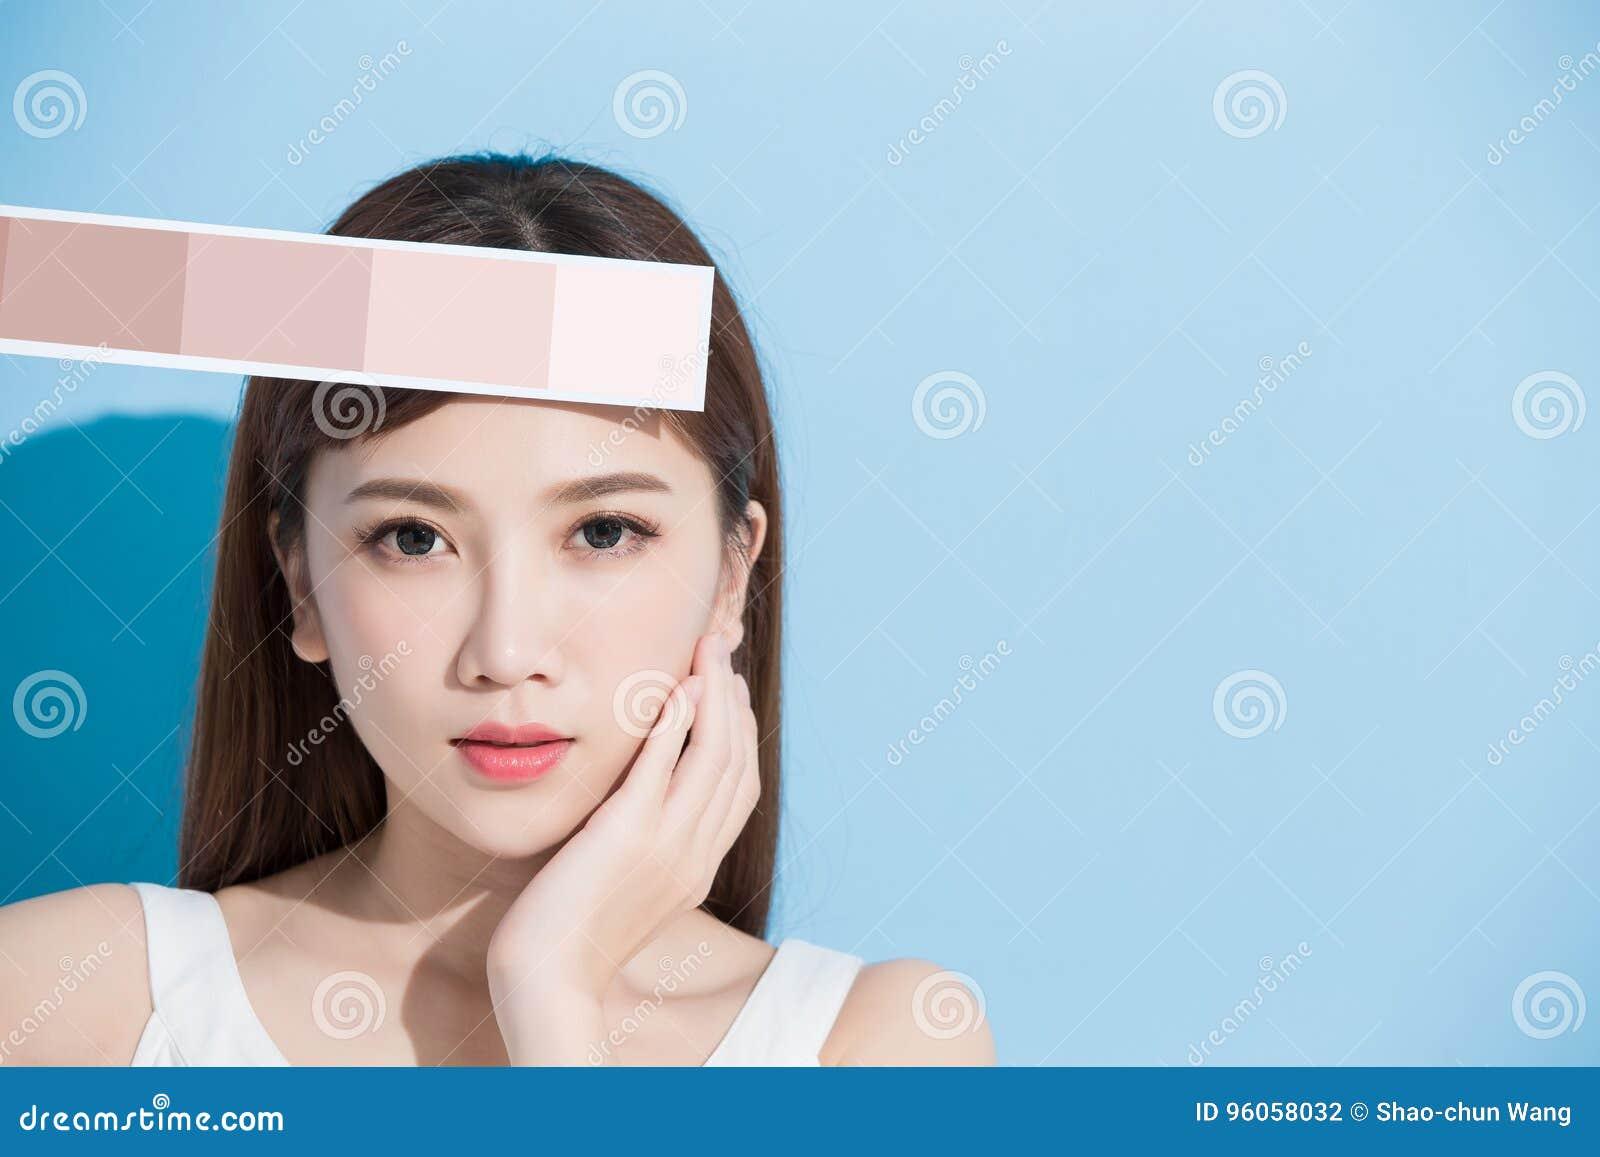 Échelle de couleur de la peau de prise de femme